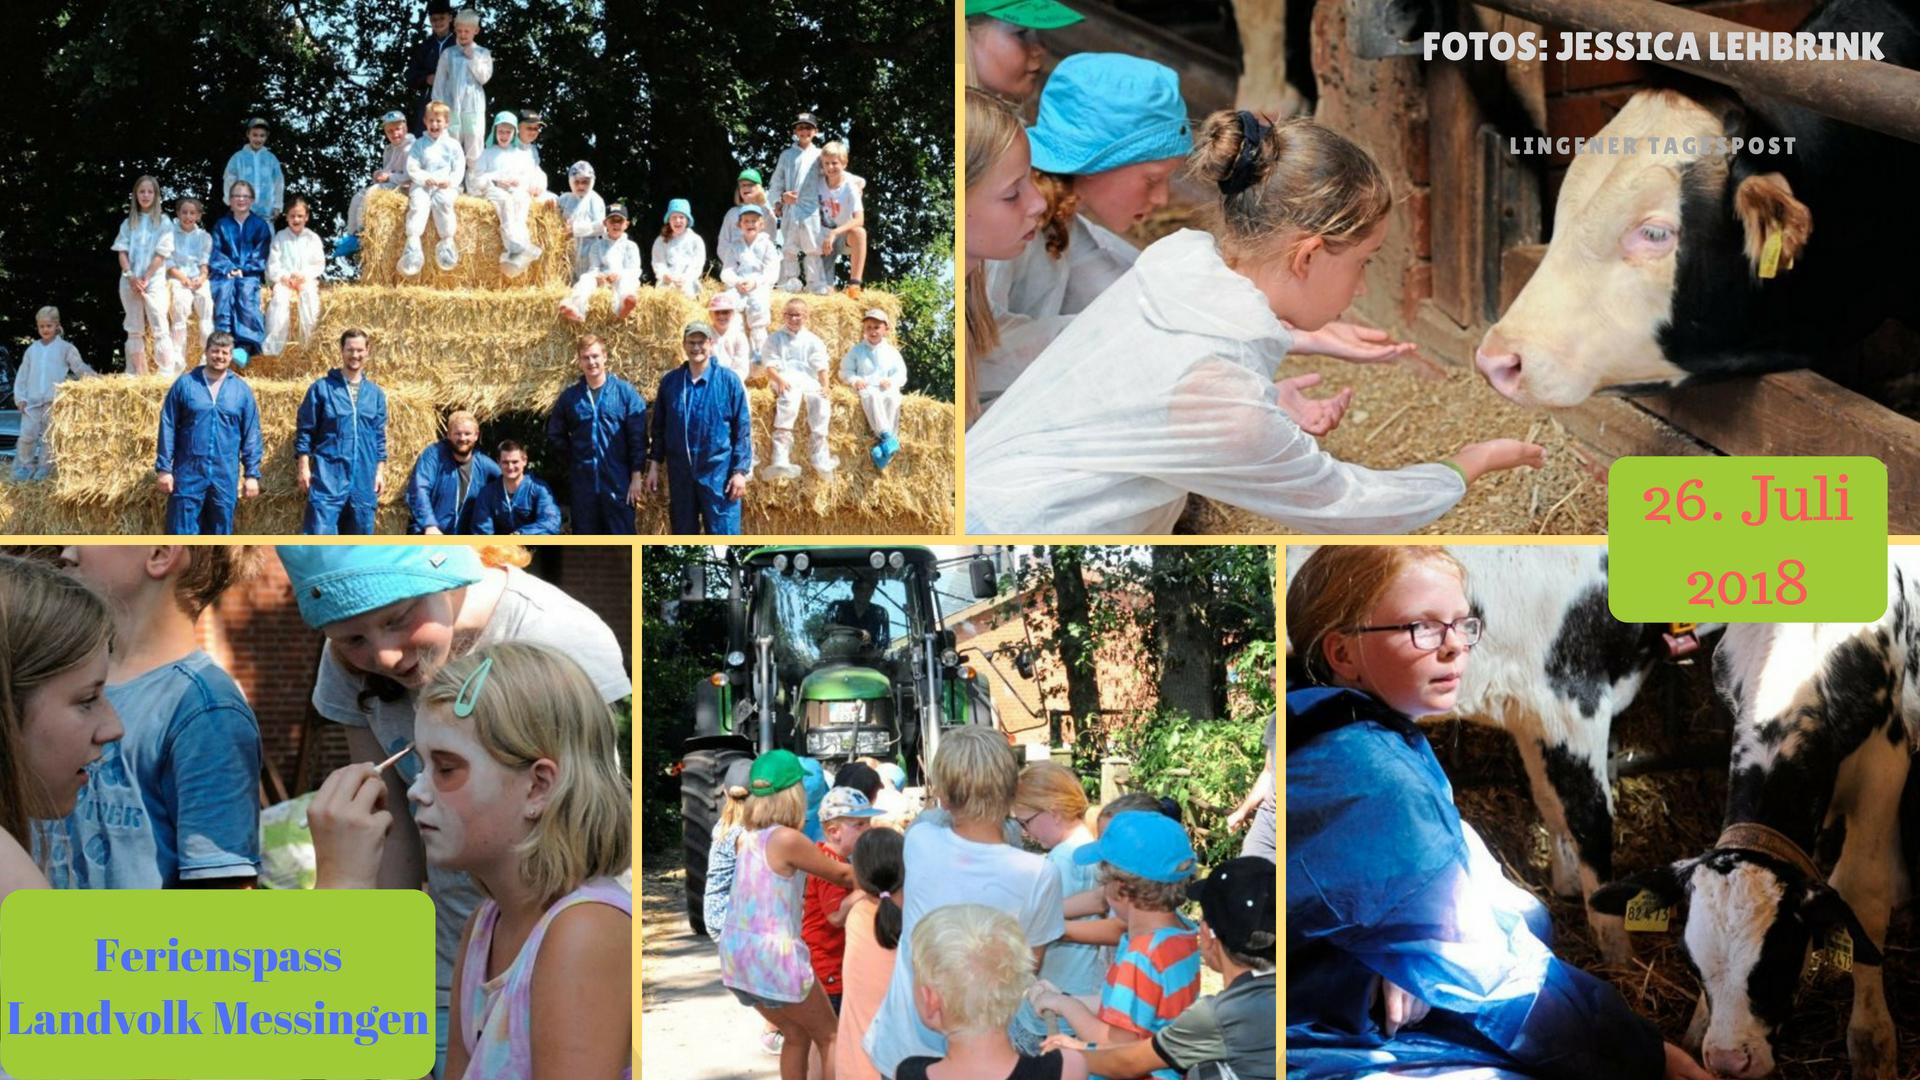 Hier sind die Fotos zu sehen, die in der Lingener Tagespost veröffentlicht wurden